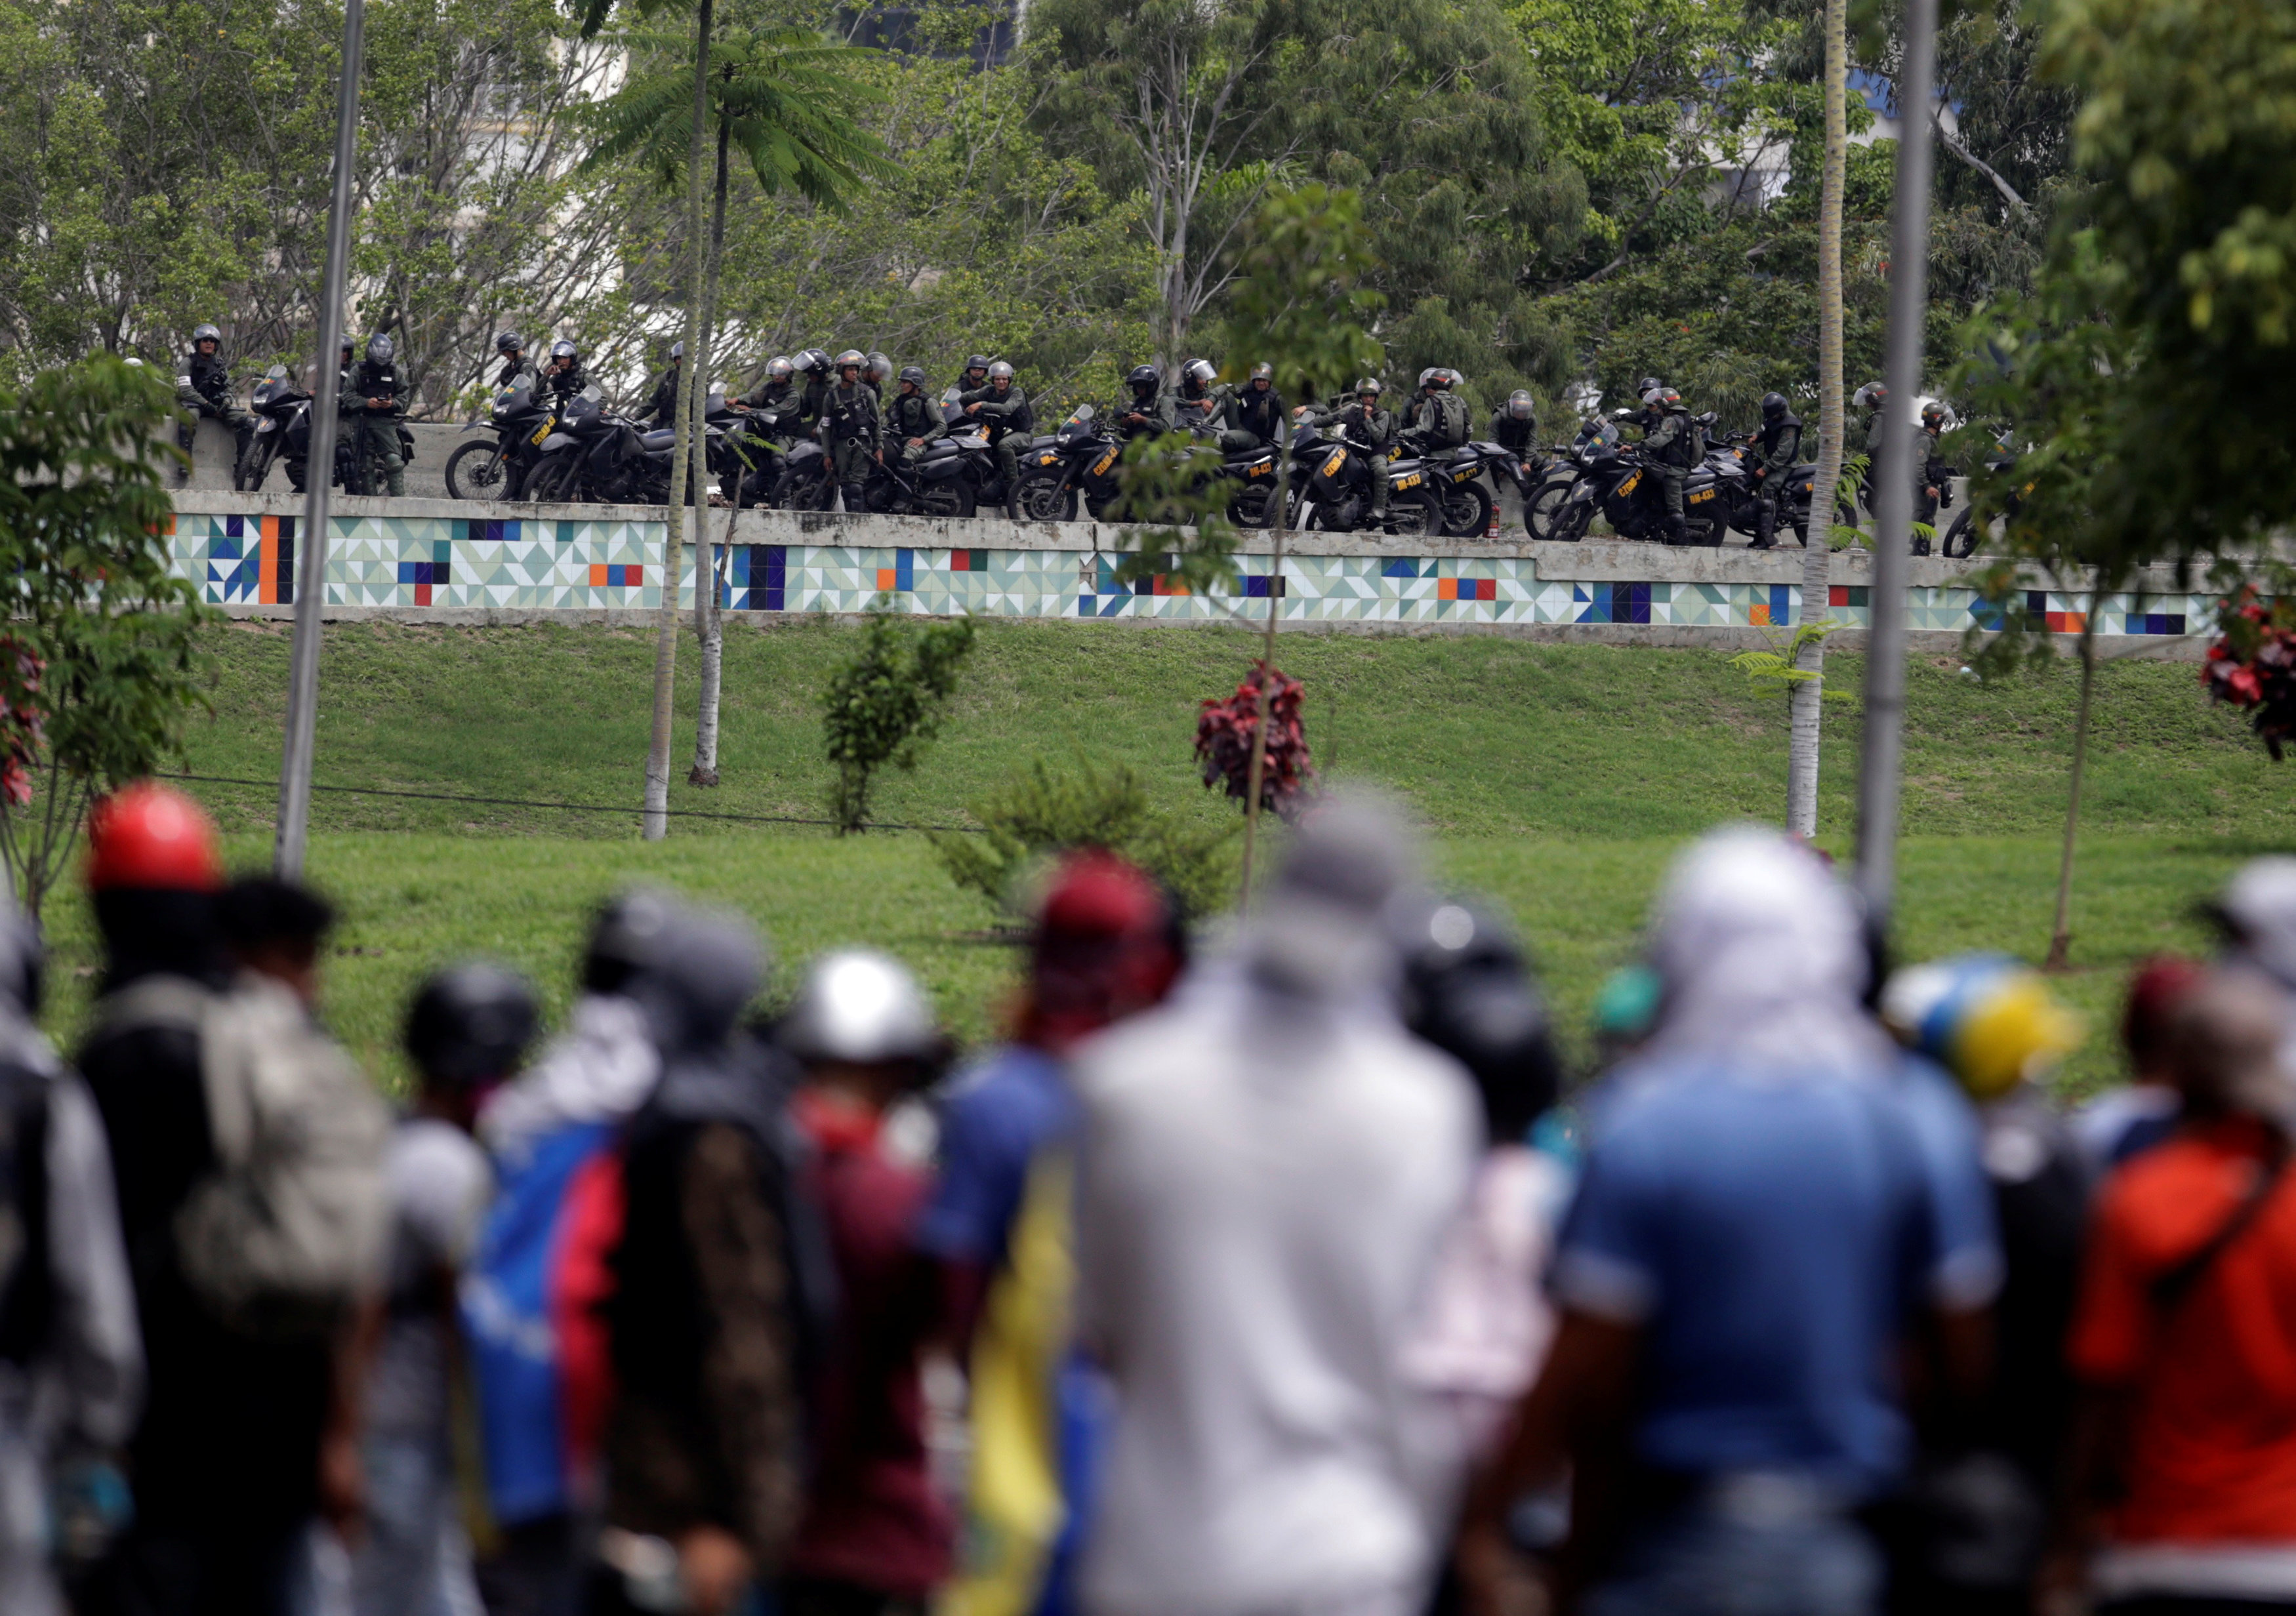 Al menos 96 personas han perdido la vida producto de la brutal represión de los cuerpos de seguridad en las manifestaciones. REUTERS/Fabiola Ferrero